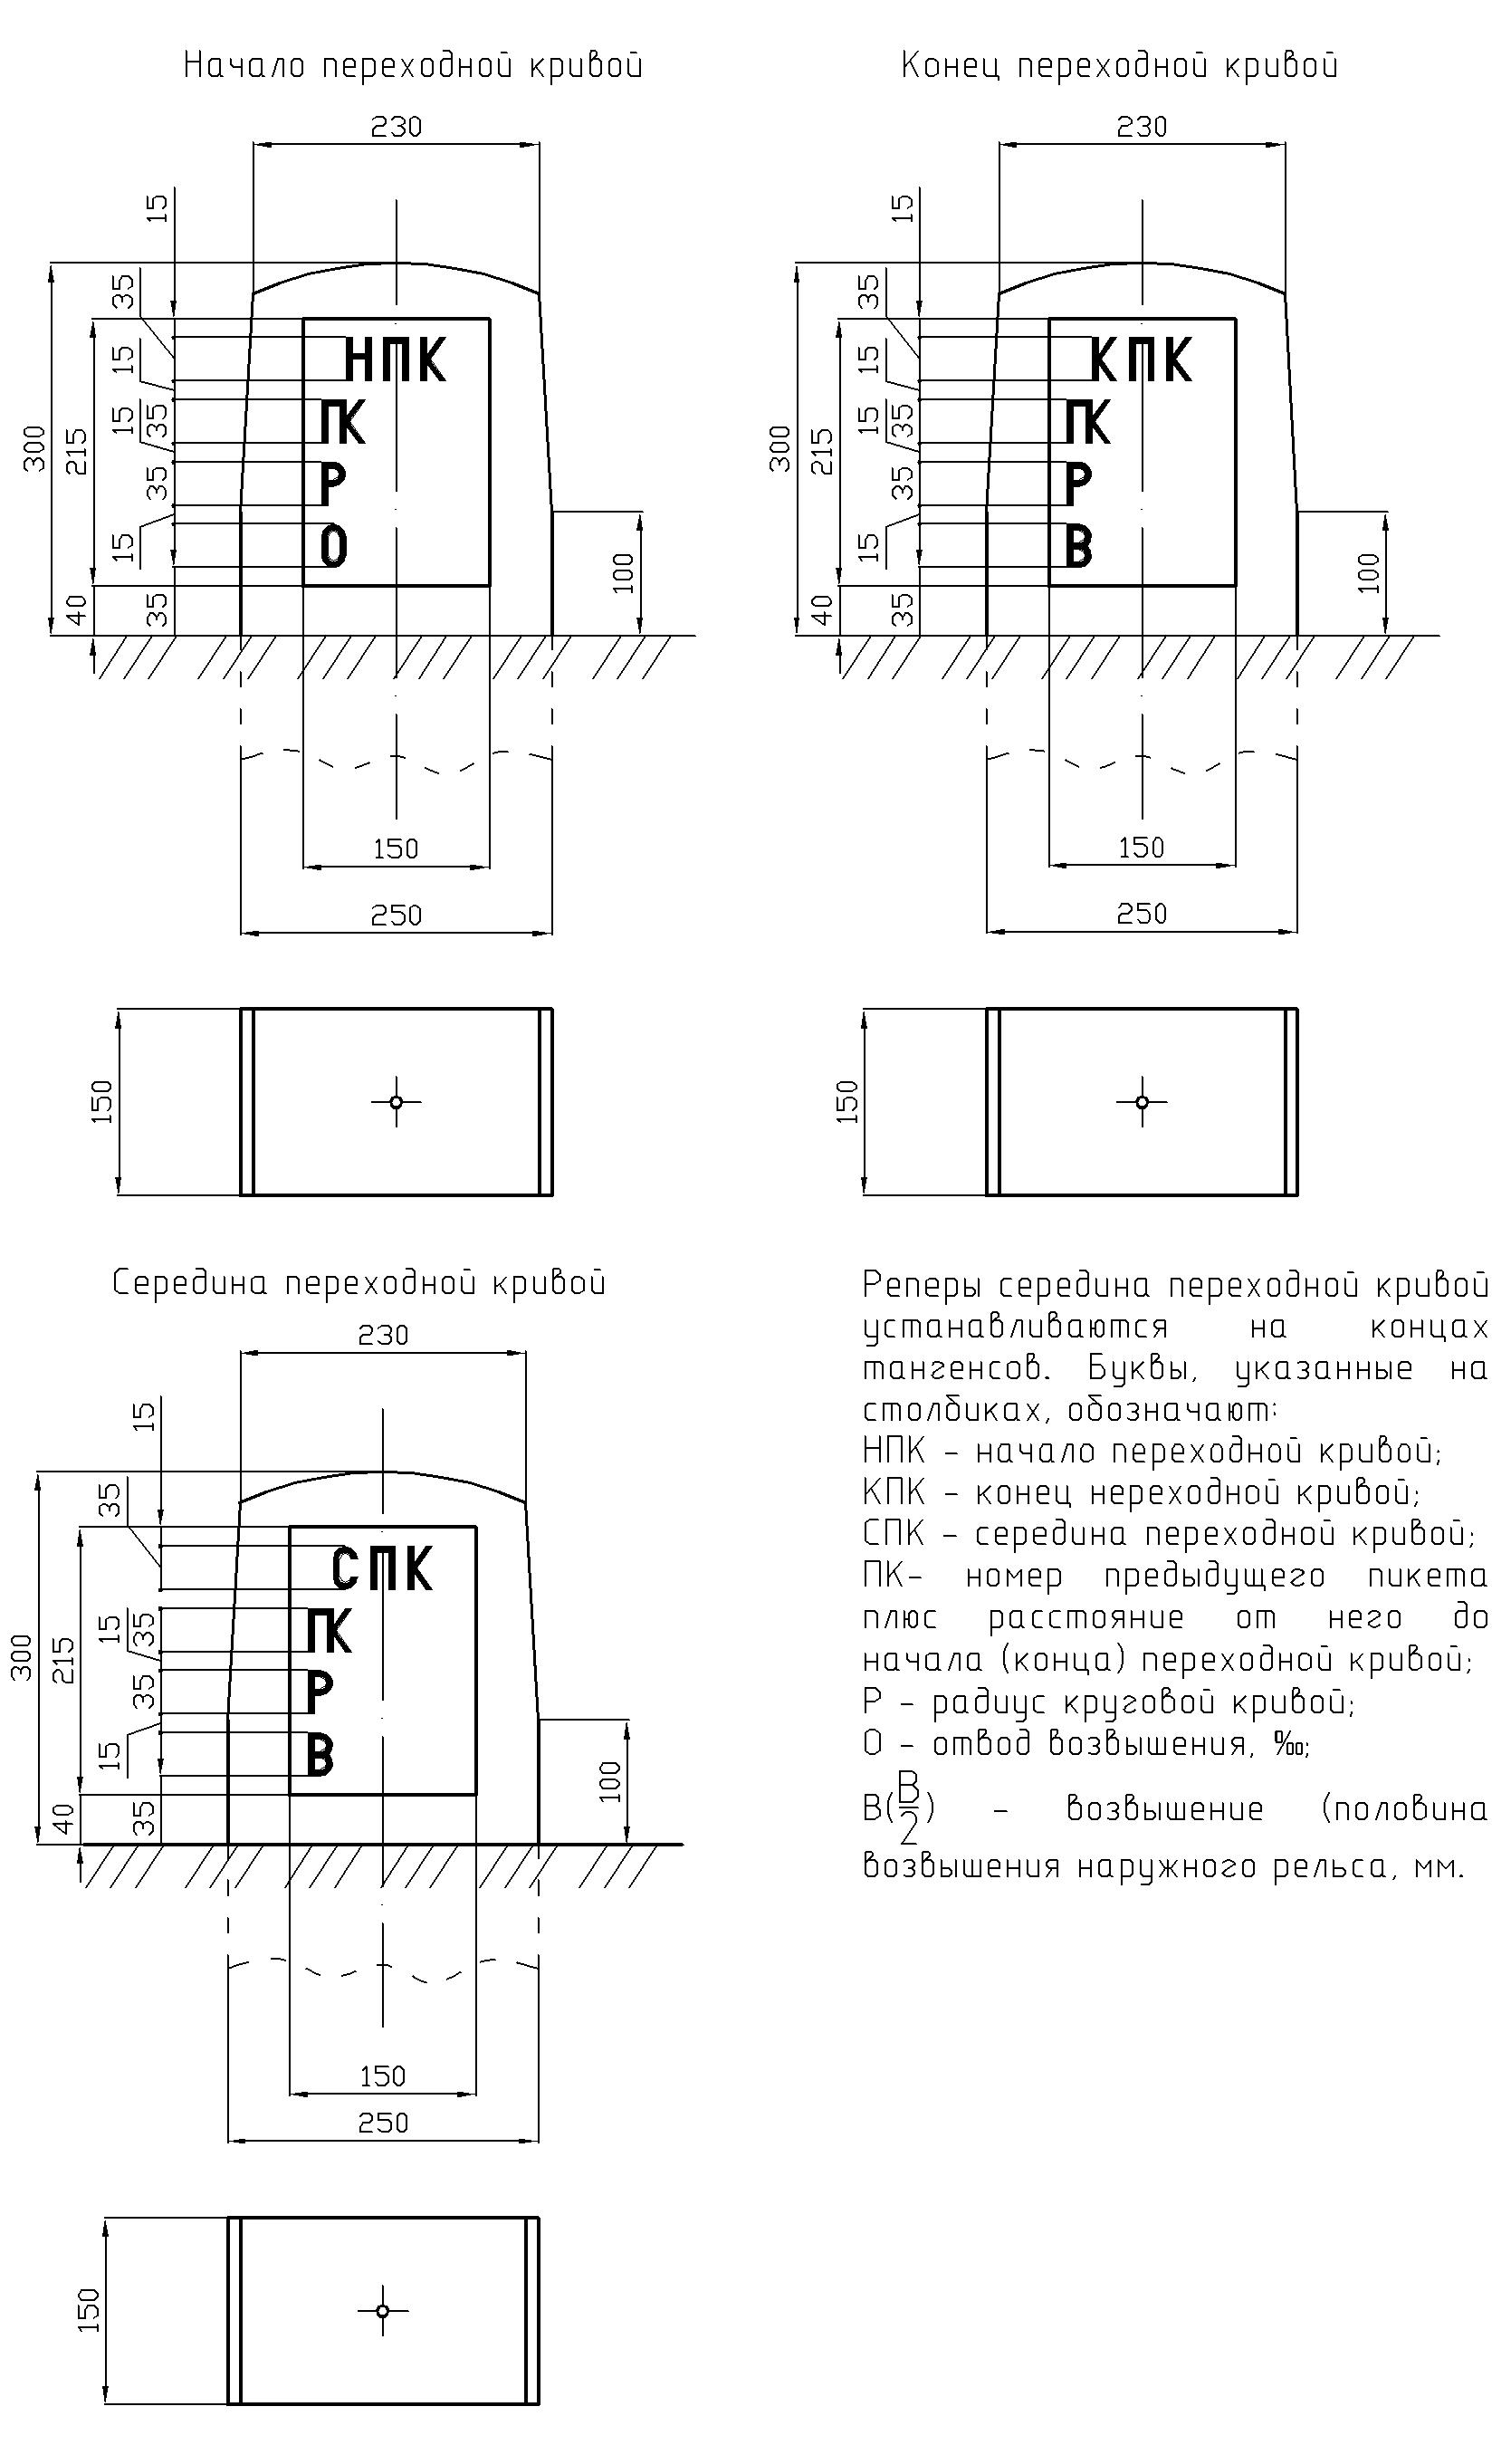 Рисунок 51. Реперы начала, середины и конца переходной кривой